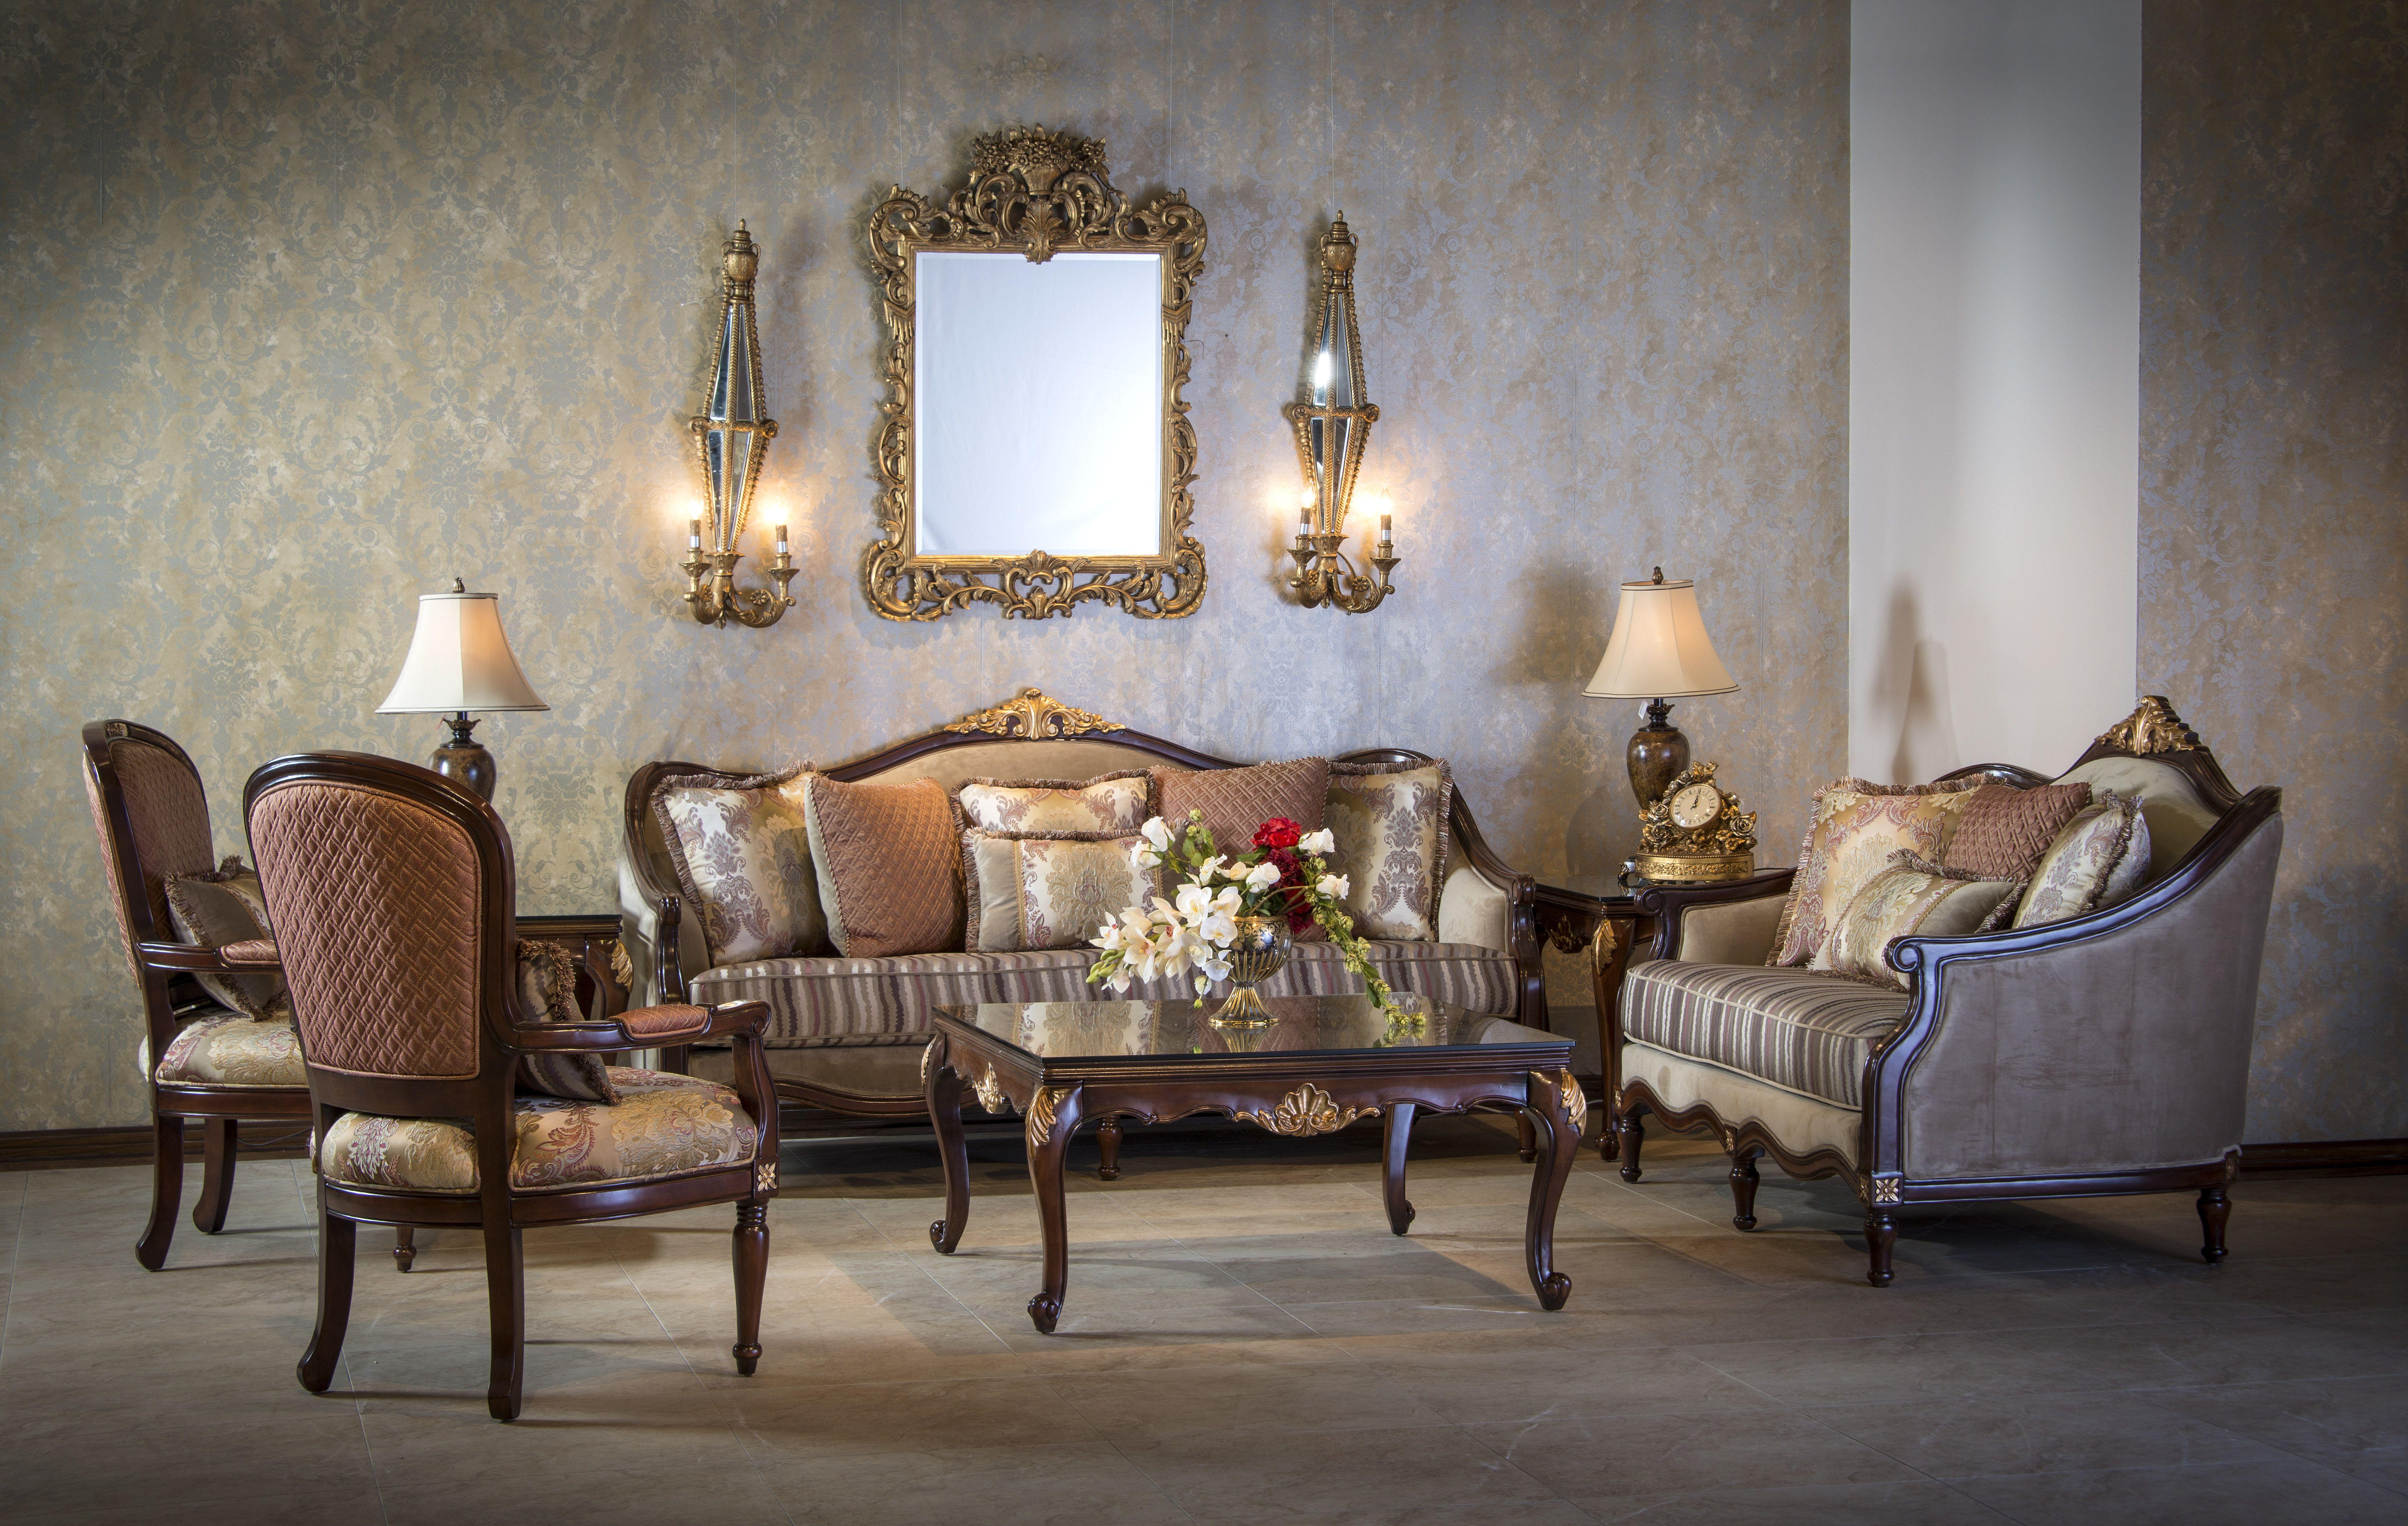 غرفة الضيوف تعتبر الواجهة الأمامية والأولى التي تسرق نظر ضيوف جمال بيتك سيدتي أثاث ميداس Luxury Living Room Furniture Room Interior Design